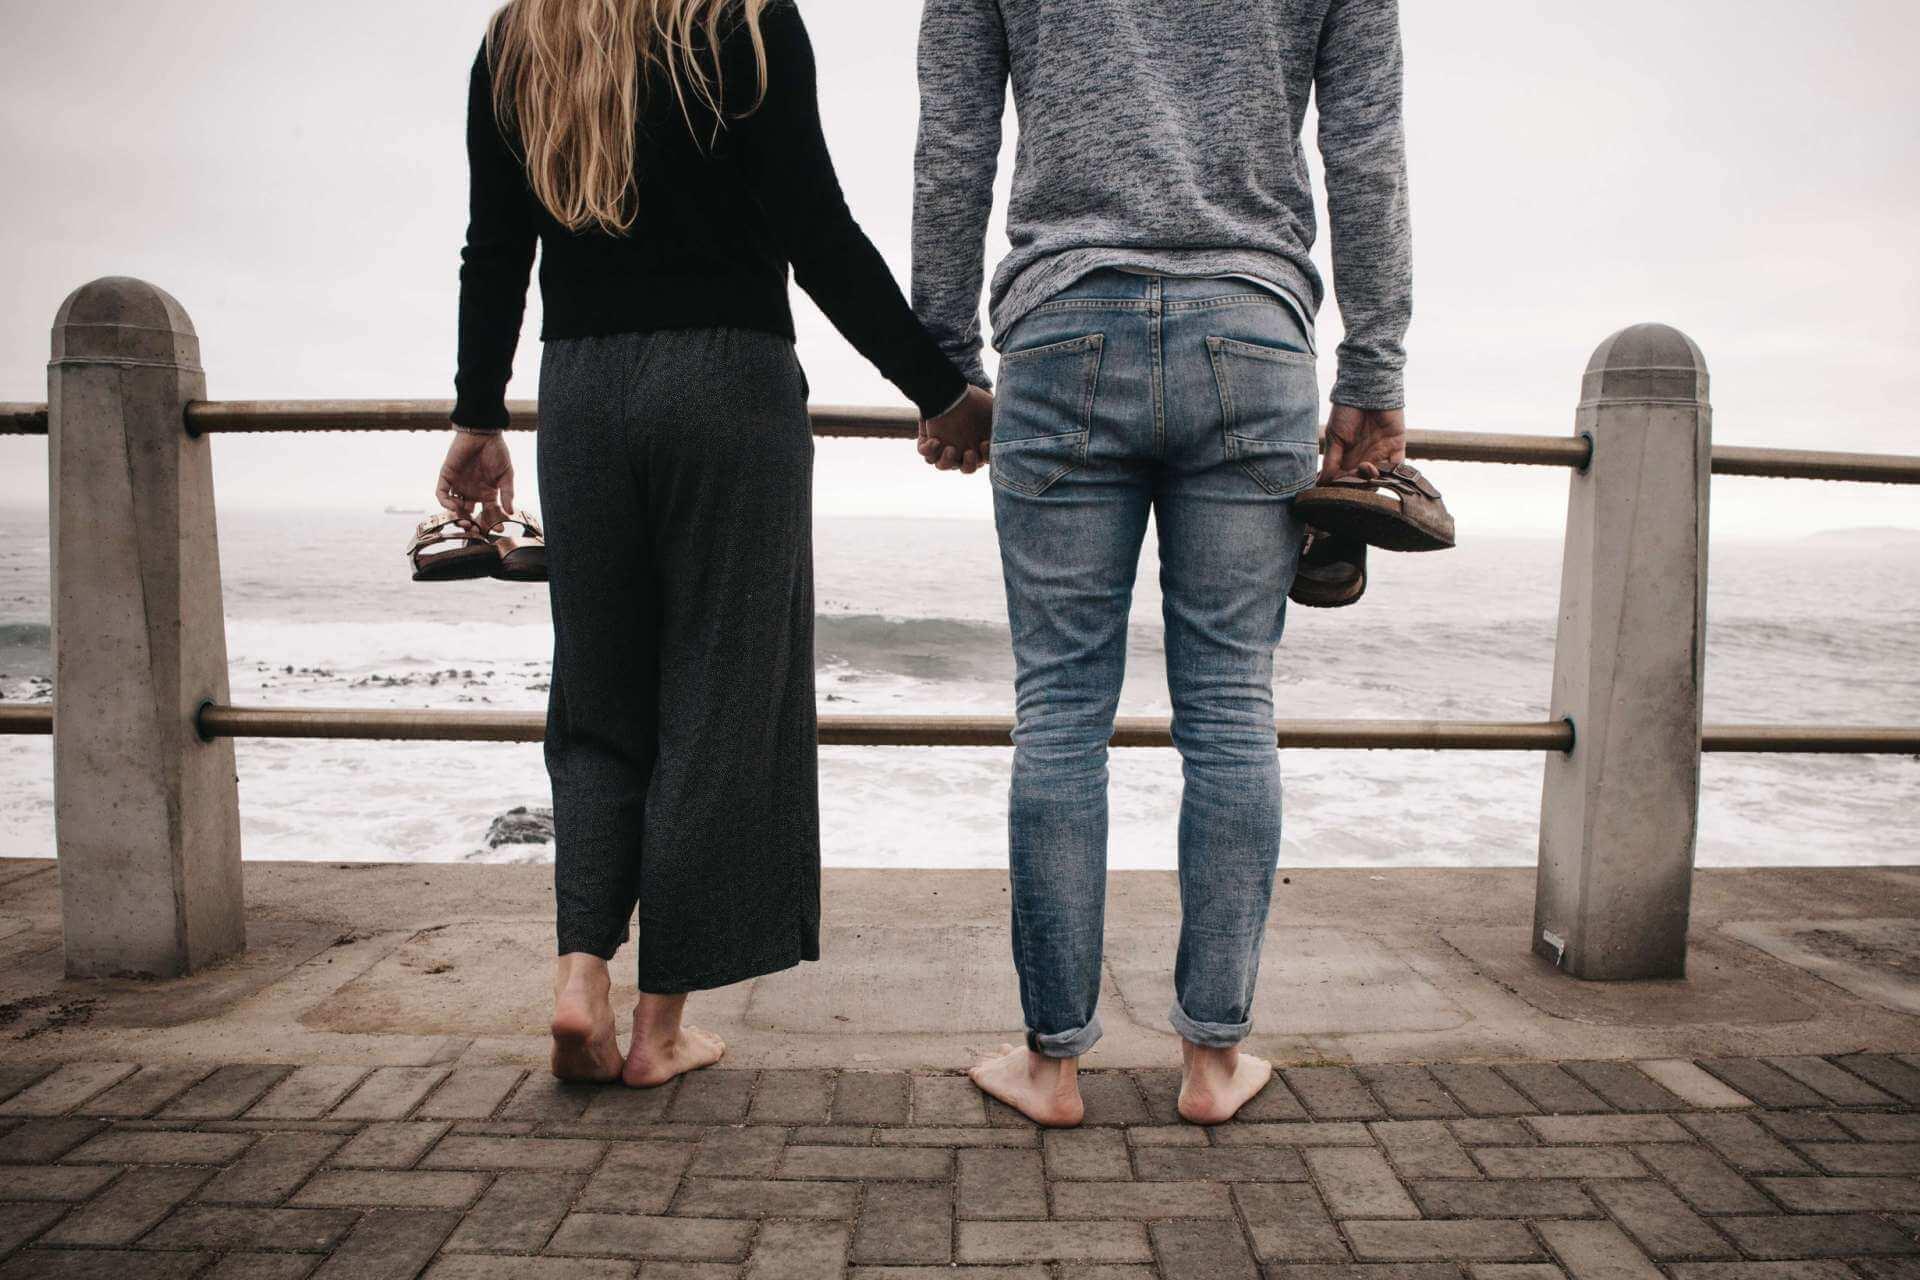 Freundin überraschen mit Ausflug ans Meer